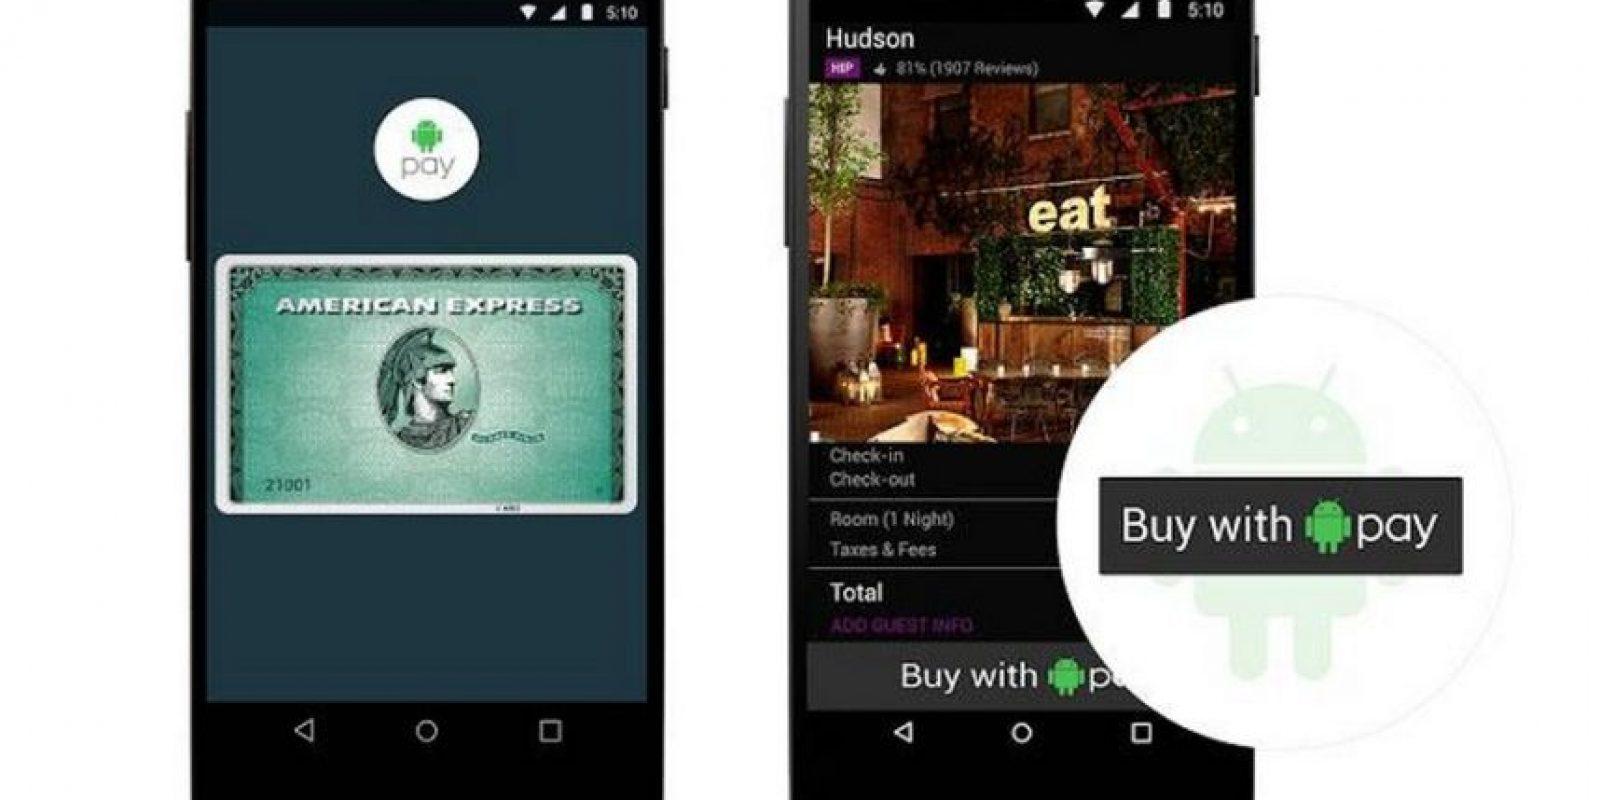 Es el sistema de pagos móviles de Google que incorpora el escáner de huellas dactilares y utilizará la tecnología NFC y Host Card Emulation. Disponible por el momento solo en Estados Unidos. Foto:Google